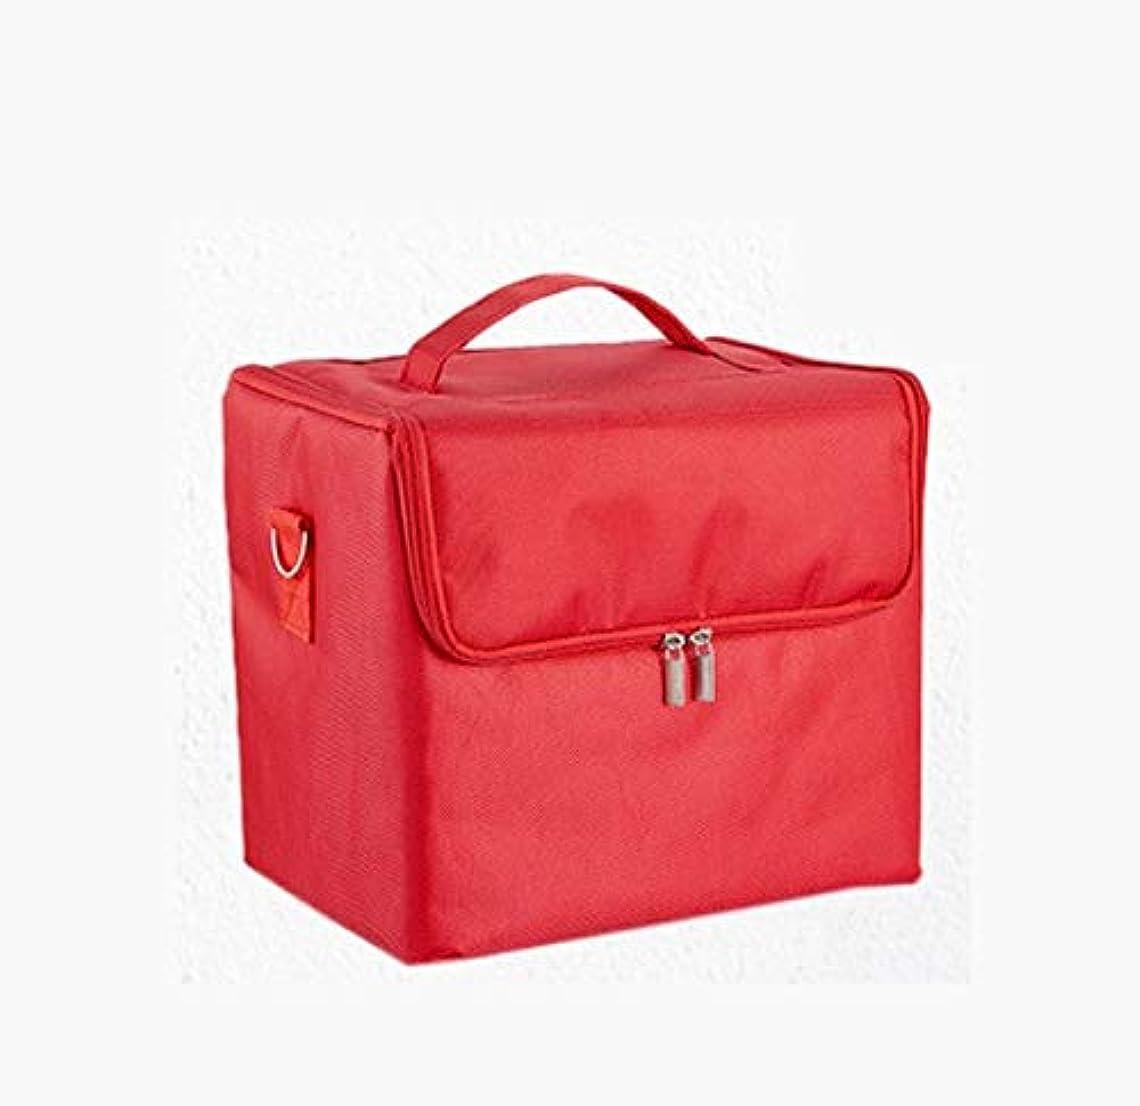 有罪さようなら言い換えると化粧箱、大容量多機能防水化粧品ケース、携帯用旅行化粧品袋収納袋、美容化粧ネイルジュエリー収納箱 (Color : Red)